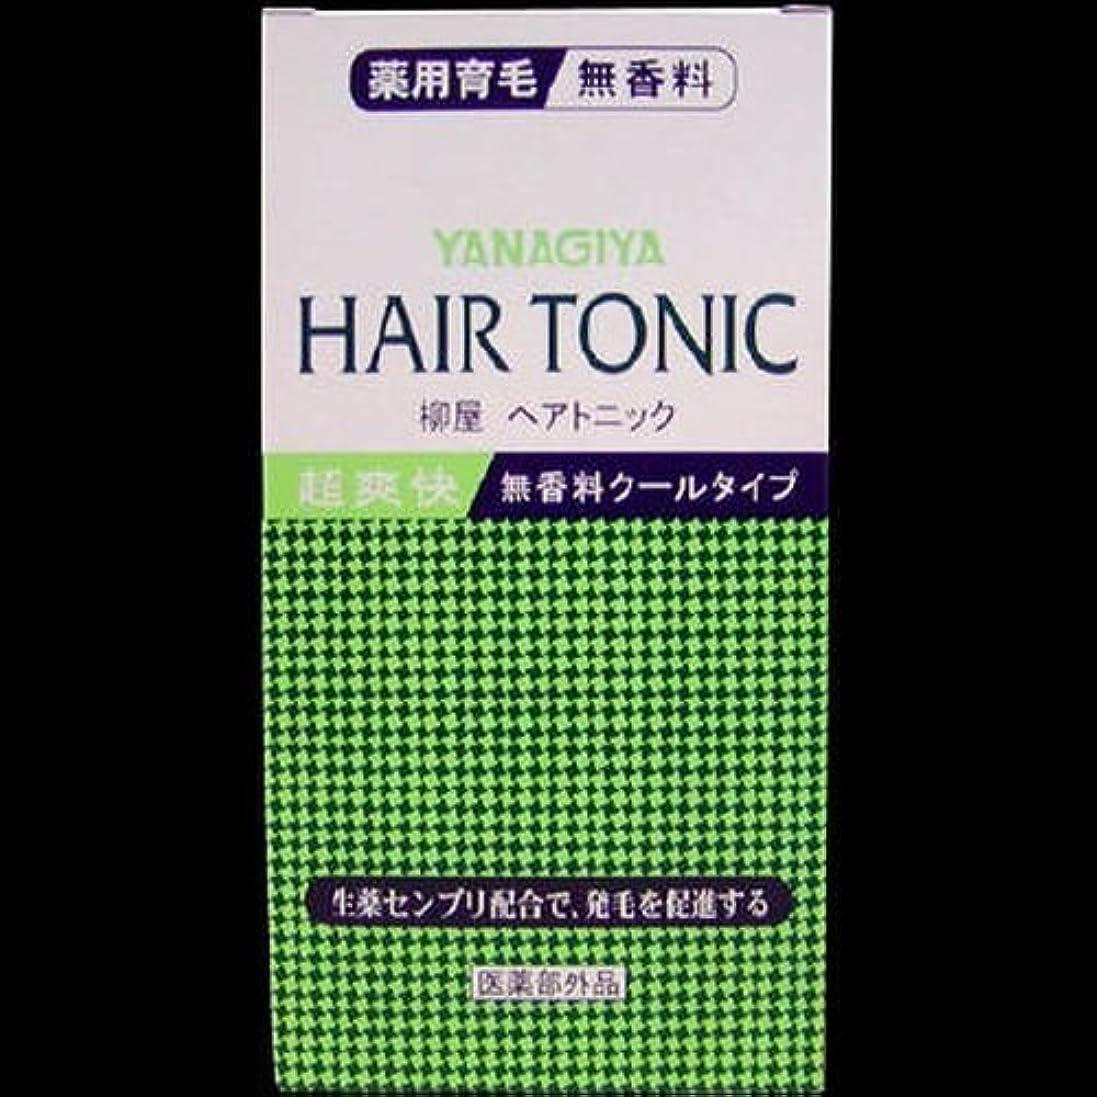 【まとめ買い】柳屋 ヘアトニック 無香料クールタイプ ×2セット